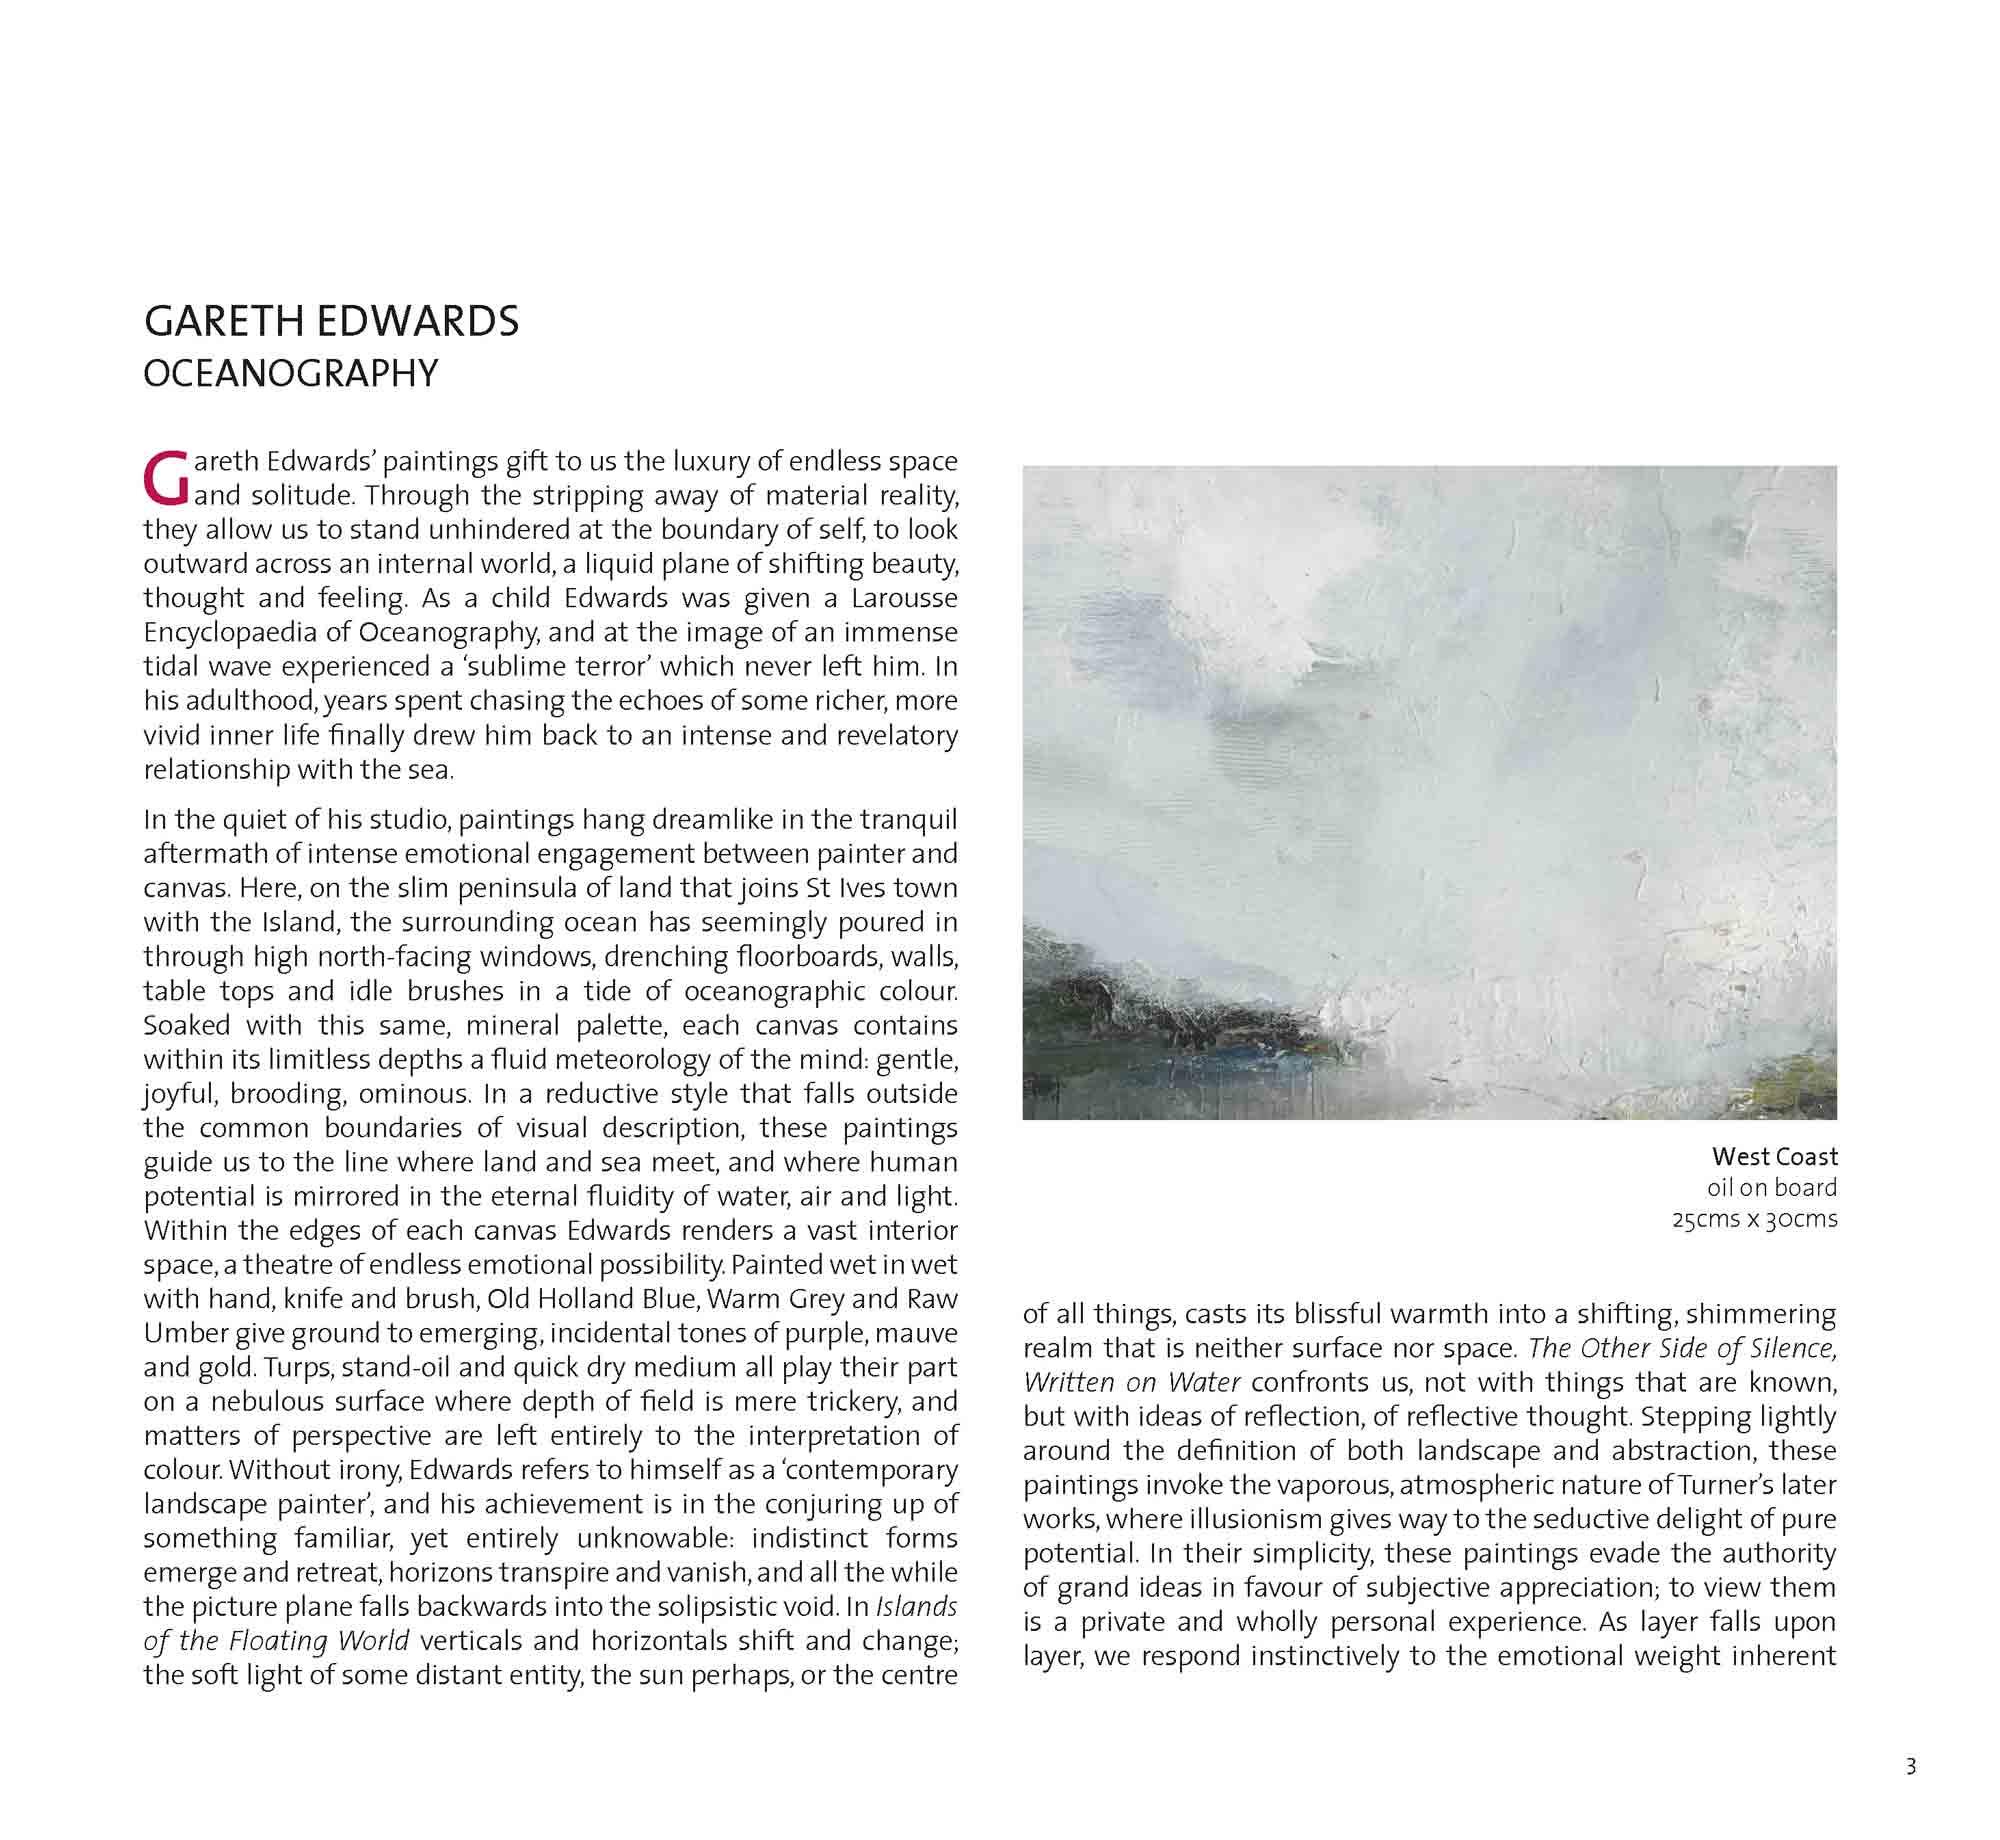 Gareth Edwards publication